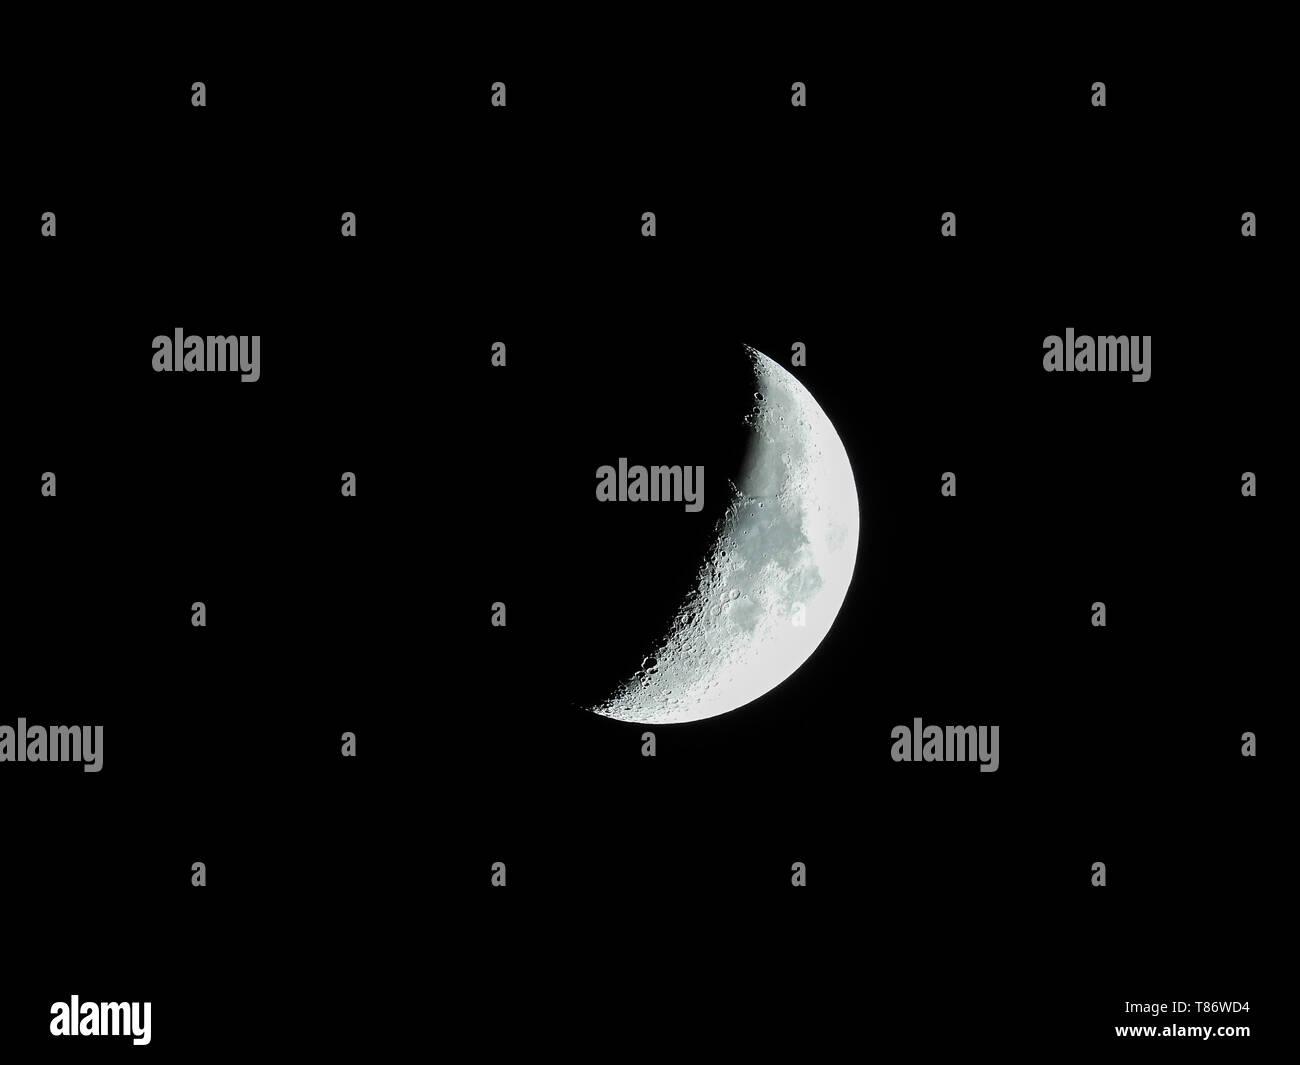 Eine sehr scharfe Nahaufnahmen der aufgehenden Mondsichel in den Nachthimmel. Stockfoto